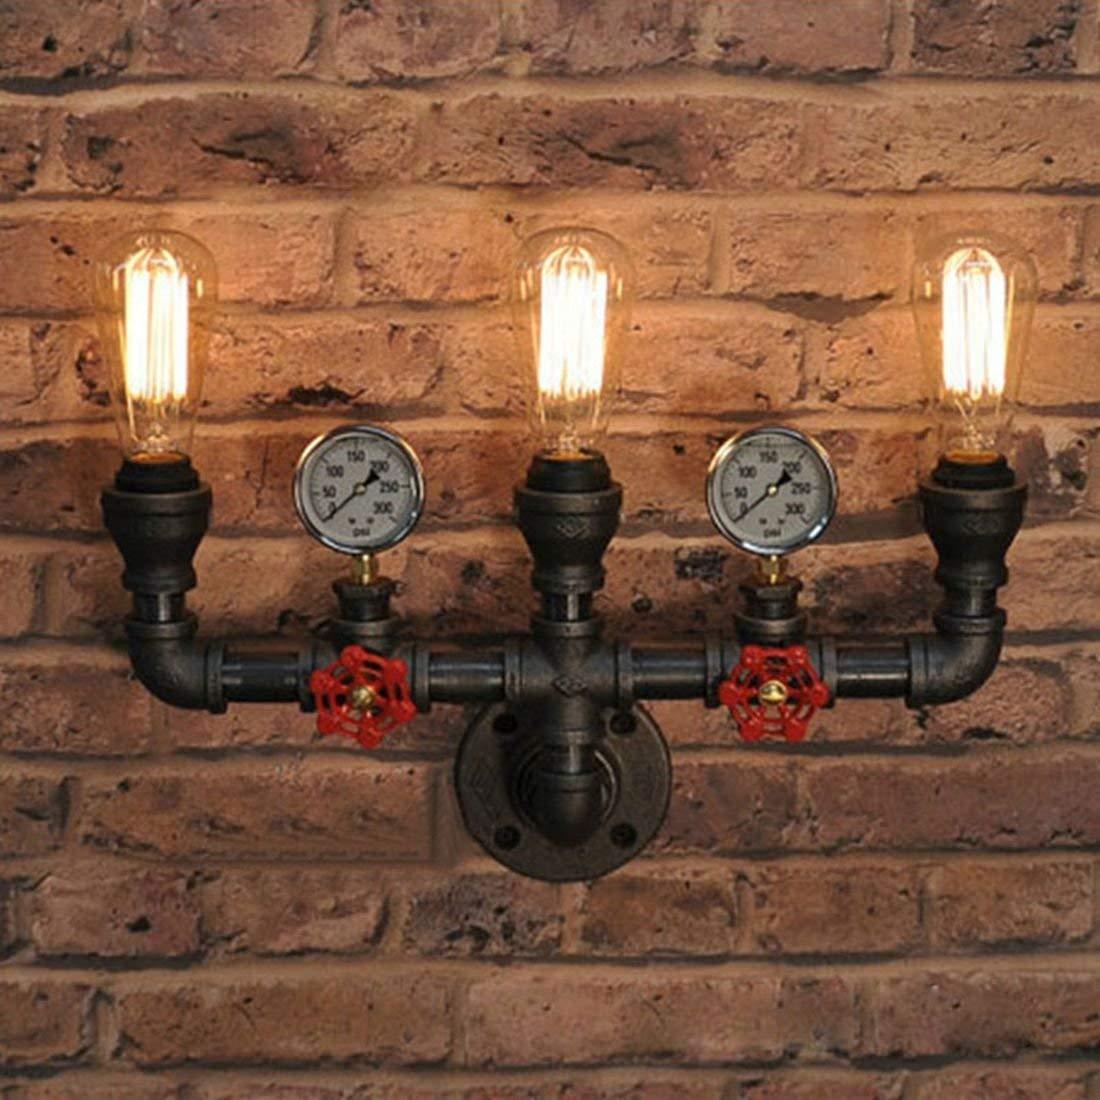 Industrielle Vintage Wandlampe Wandleuchte Rohr Leuchte E27 Sockel für Wohnzimmer Schlafzimmer Restaurant Café Loft Diele Keller Untergeschoss Dekoration (Keine Leuchtmittel) von Ruanpu